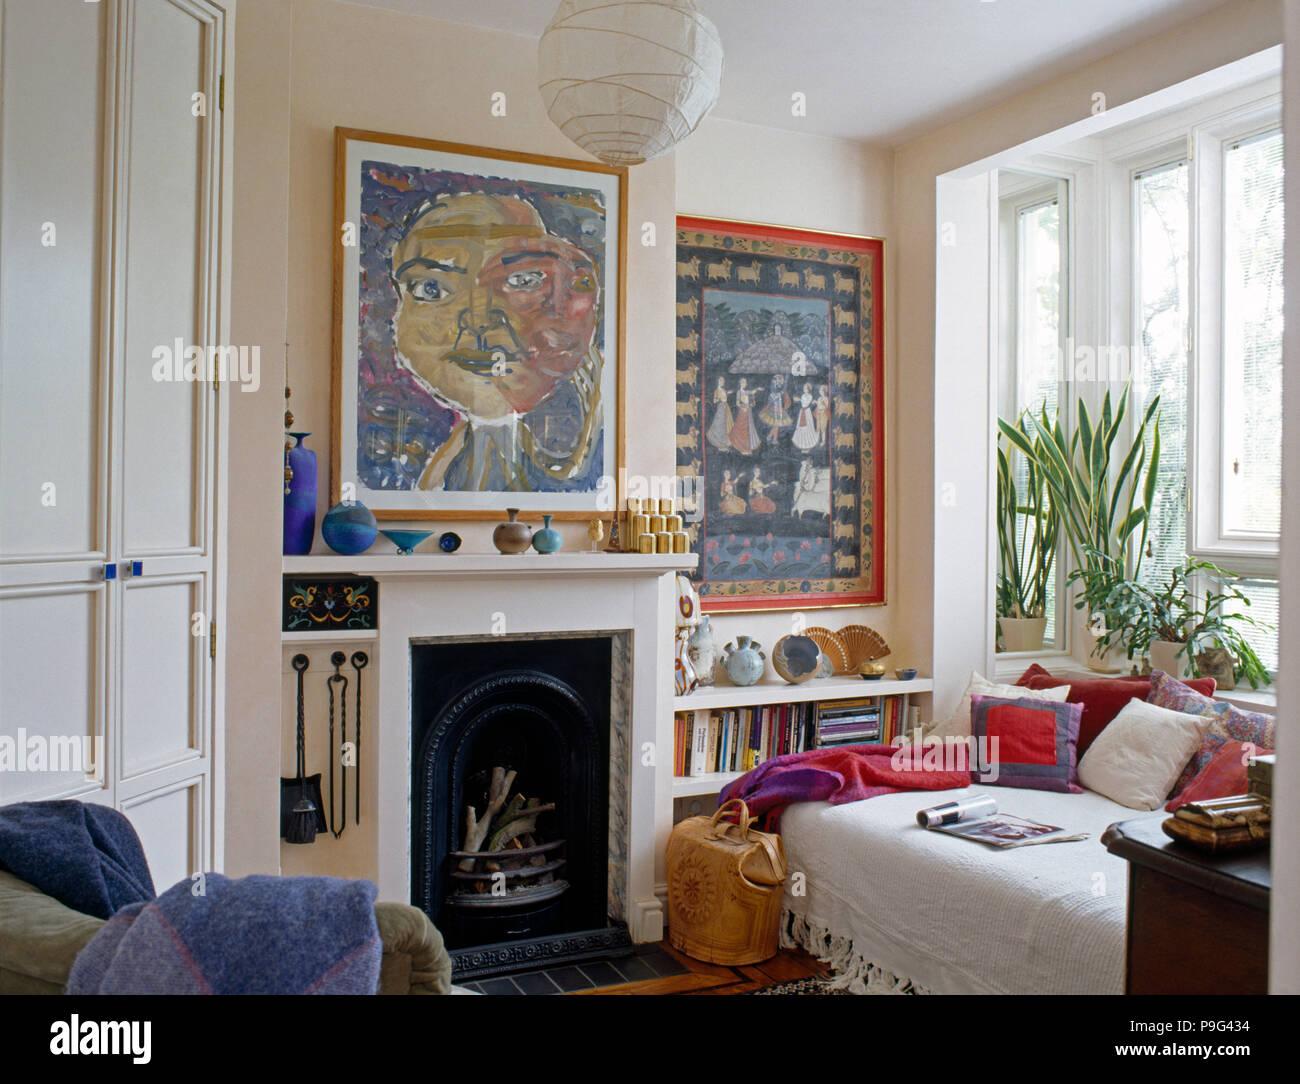 Bilder in Weiß Wohnzimmer mit einem weißen werfen und bunten Kissen ...